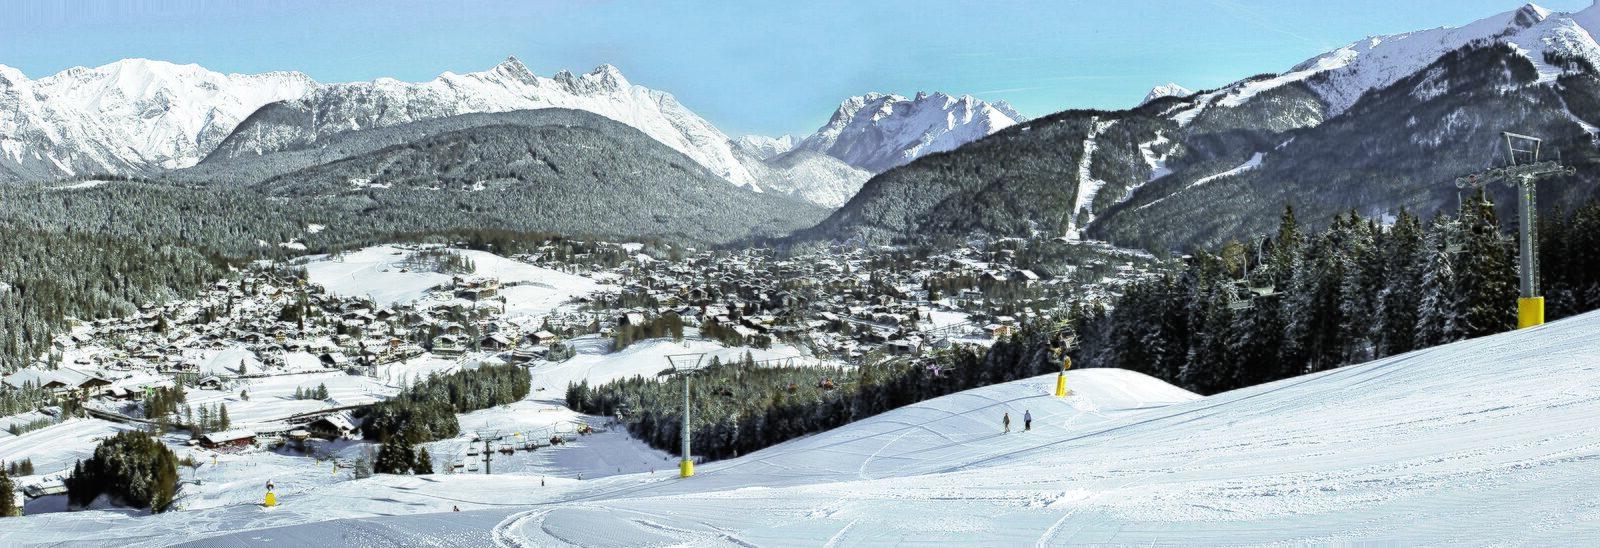 Ski area Gschwandtkopf Seefeld